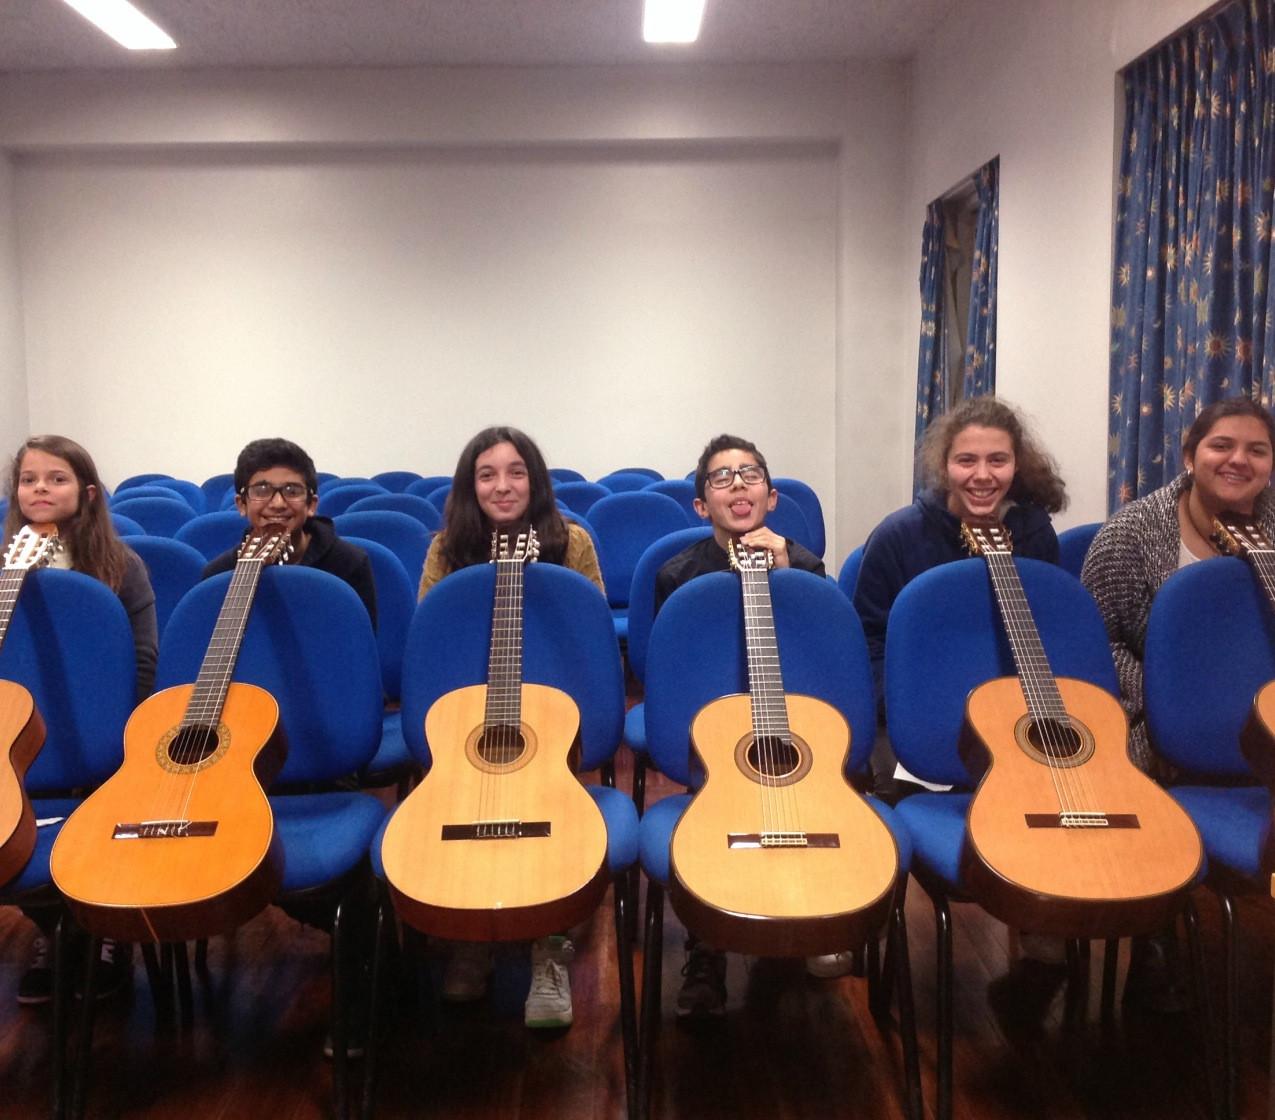 Audição de guitarra